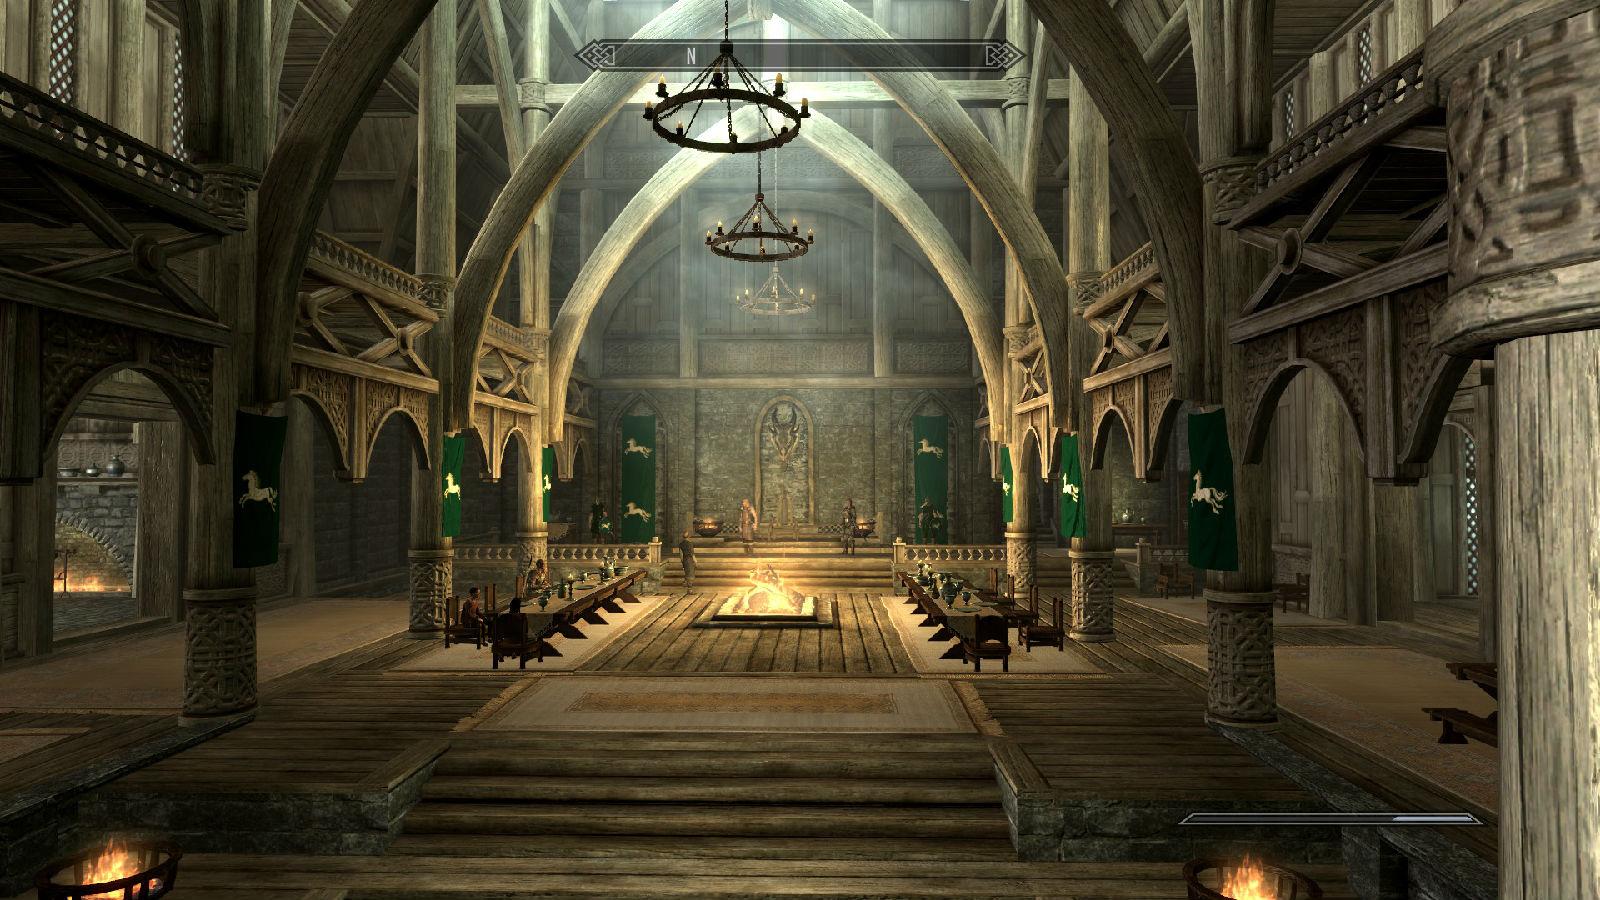 老滚5的宫殿内景图片